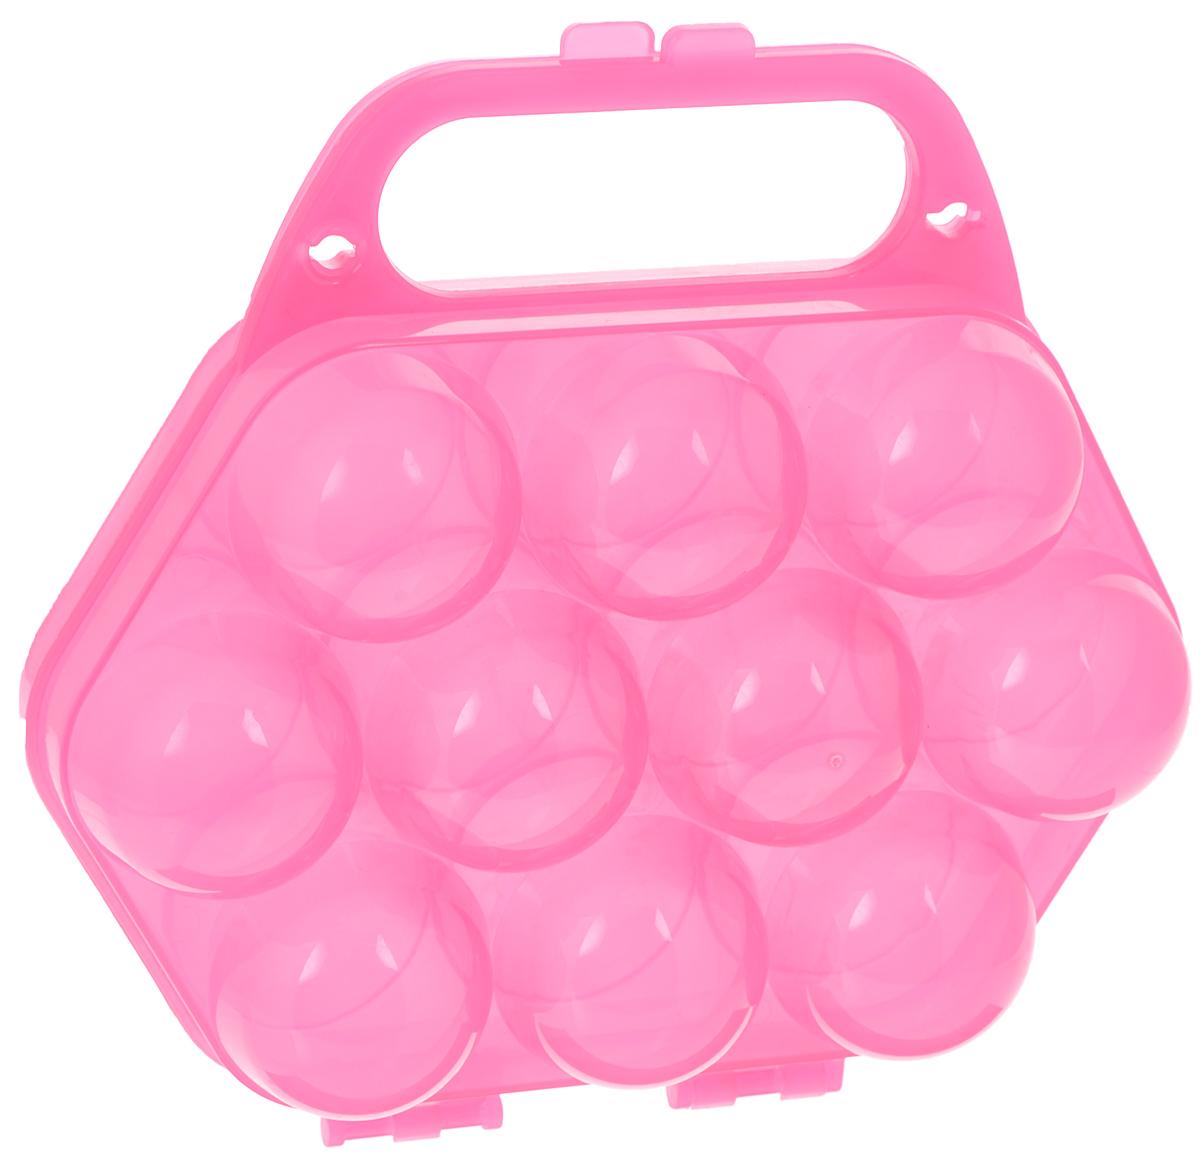 Контейнер для яиц Idea, на 10 шт, цвет: розовый, 20 см х 19 см х 7,5 смM1210Контейнер Idea выполнен из полупрозрачного пластика в виде чемоданчика и предназначен для хранения яиц. Контейнер снабжен специальными ячейками для 10 яиц. Надежный защелкивающийся замок предотвратит случайное раскрытие контейнера. Контейнер не занимает много места, что очень удобно при транспортировке, а также при хранении. Размер контейнера: 20 см х 19 см х 7,5 см. Диаметр ячейки: 4,3 см.